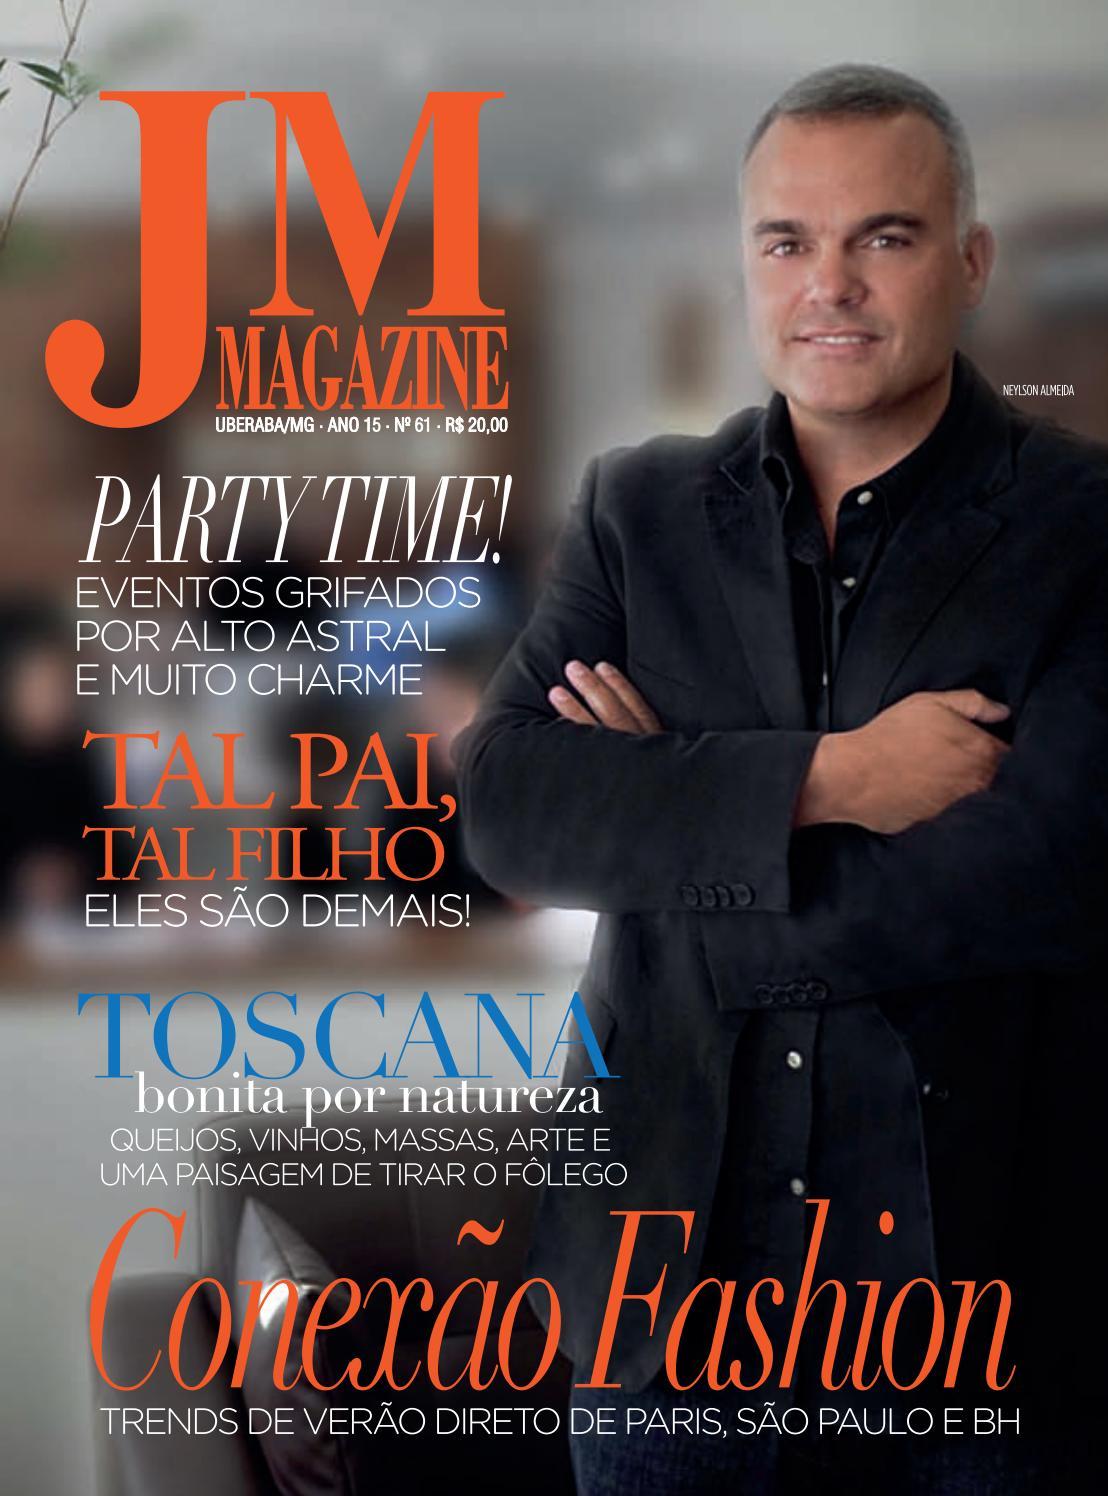 c548e7e760 JM Magazine - Edição 61 by Jornal da Manha - issuu